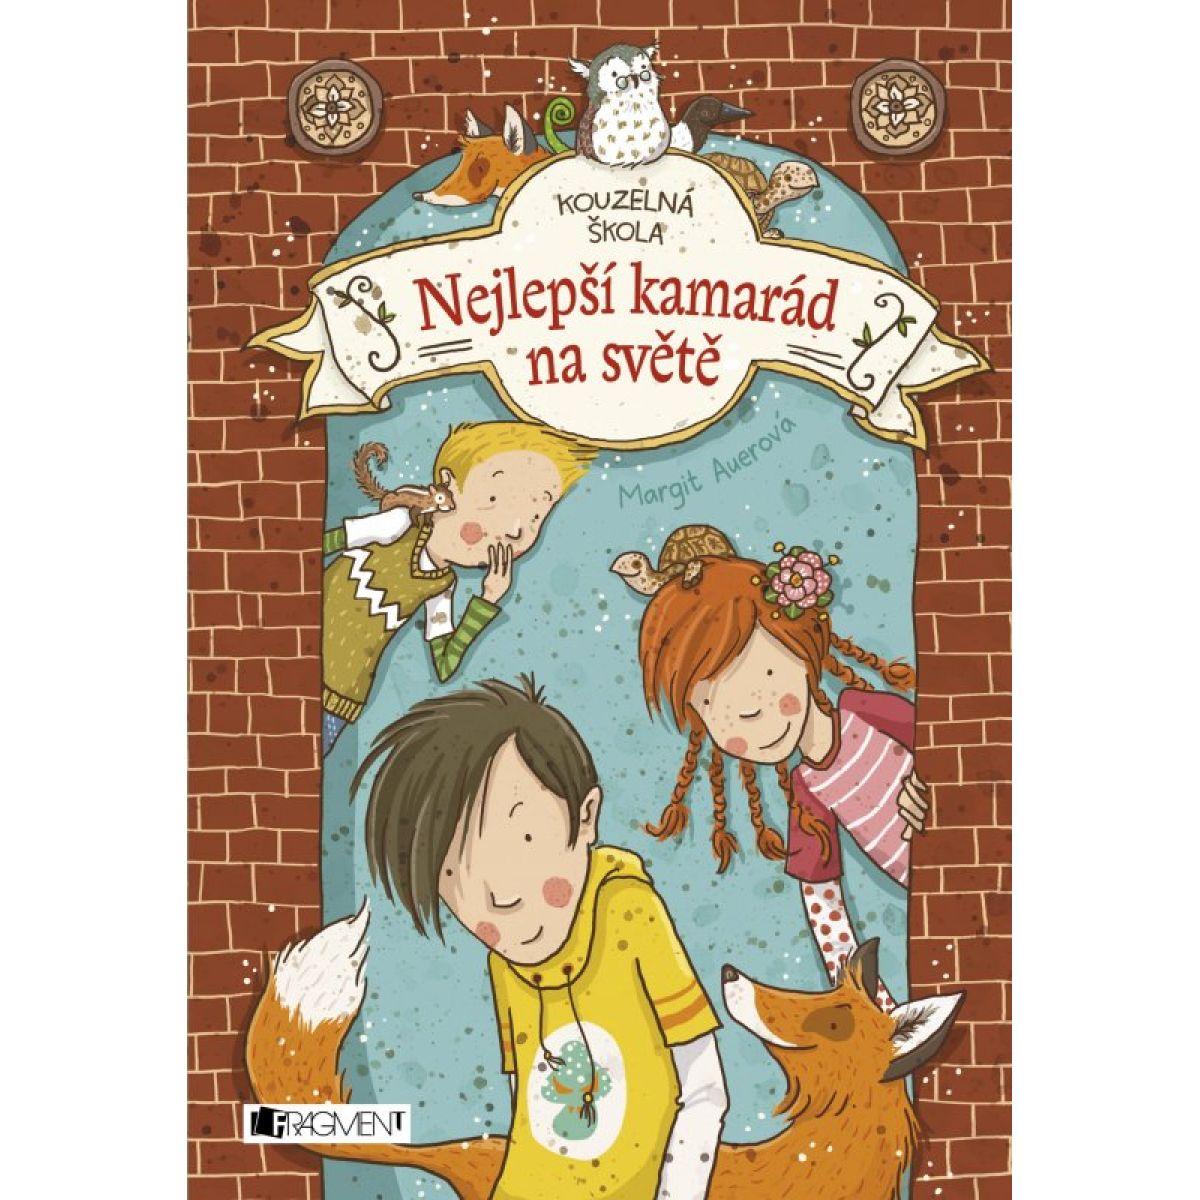 Kouzelná škola - Nejlepší kamarád na světě - Margit Auerová